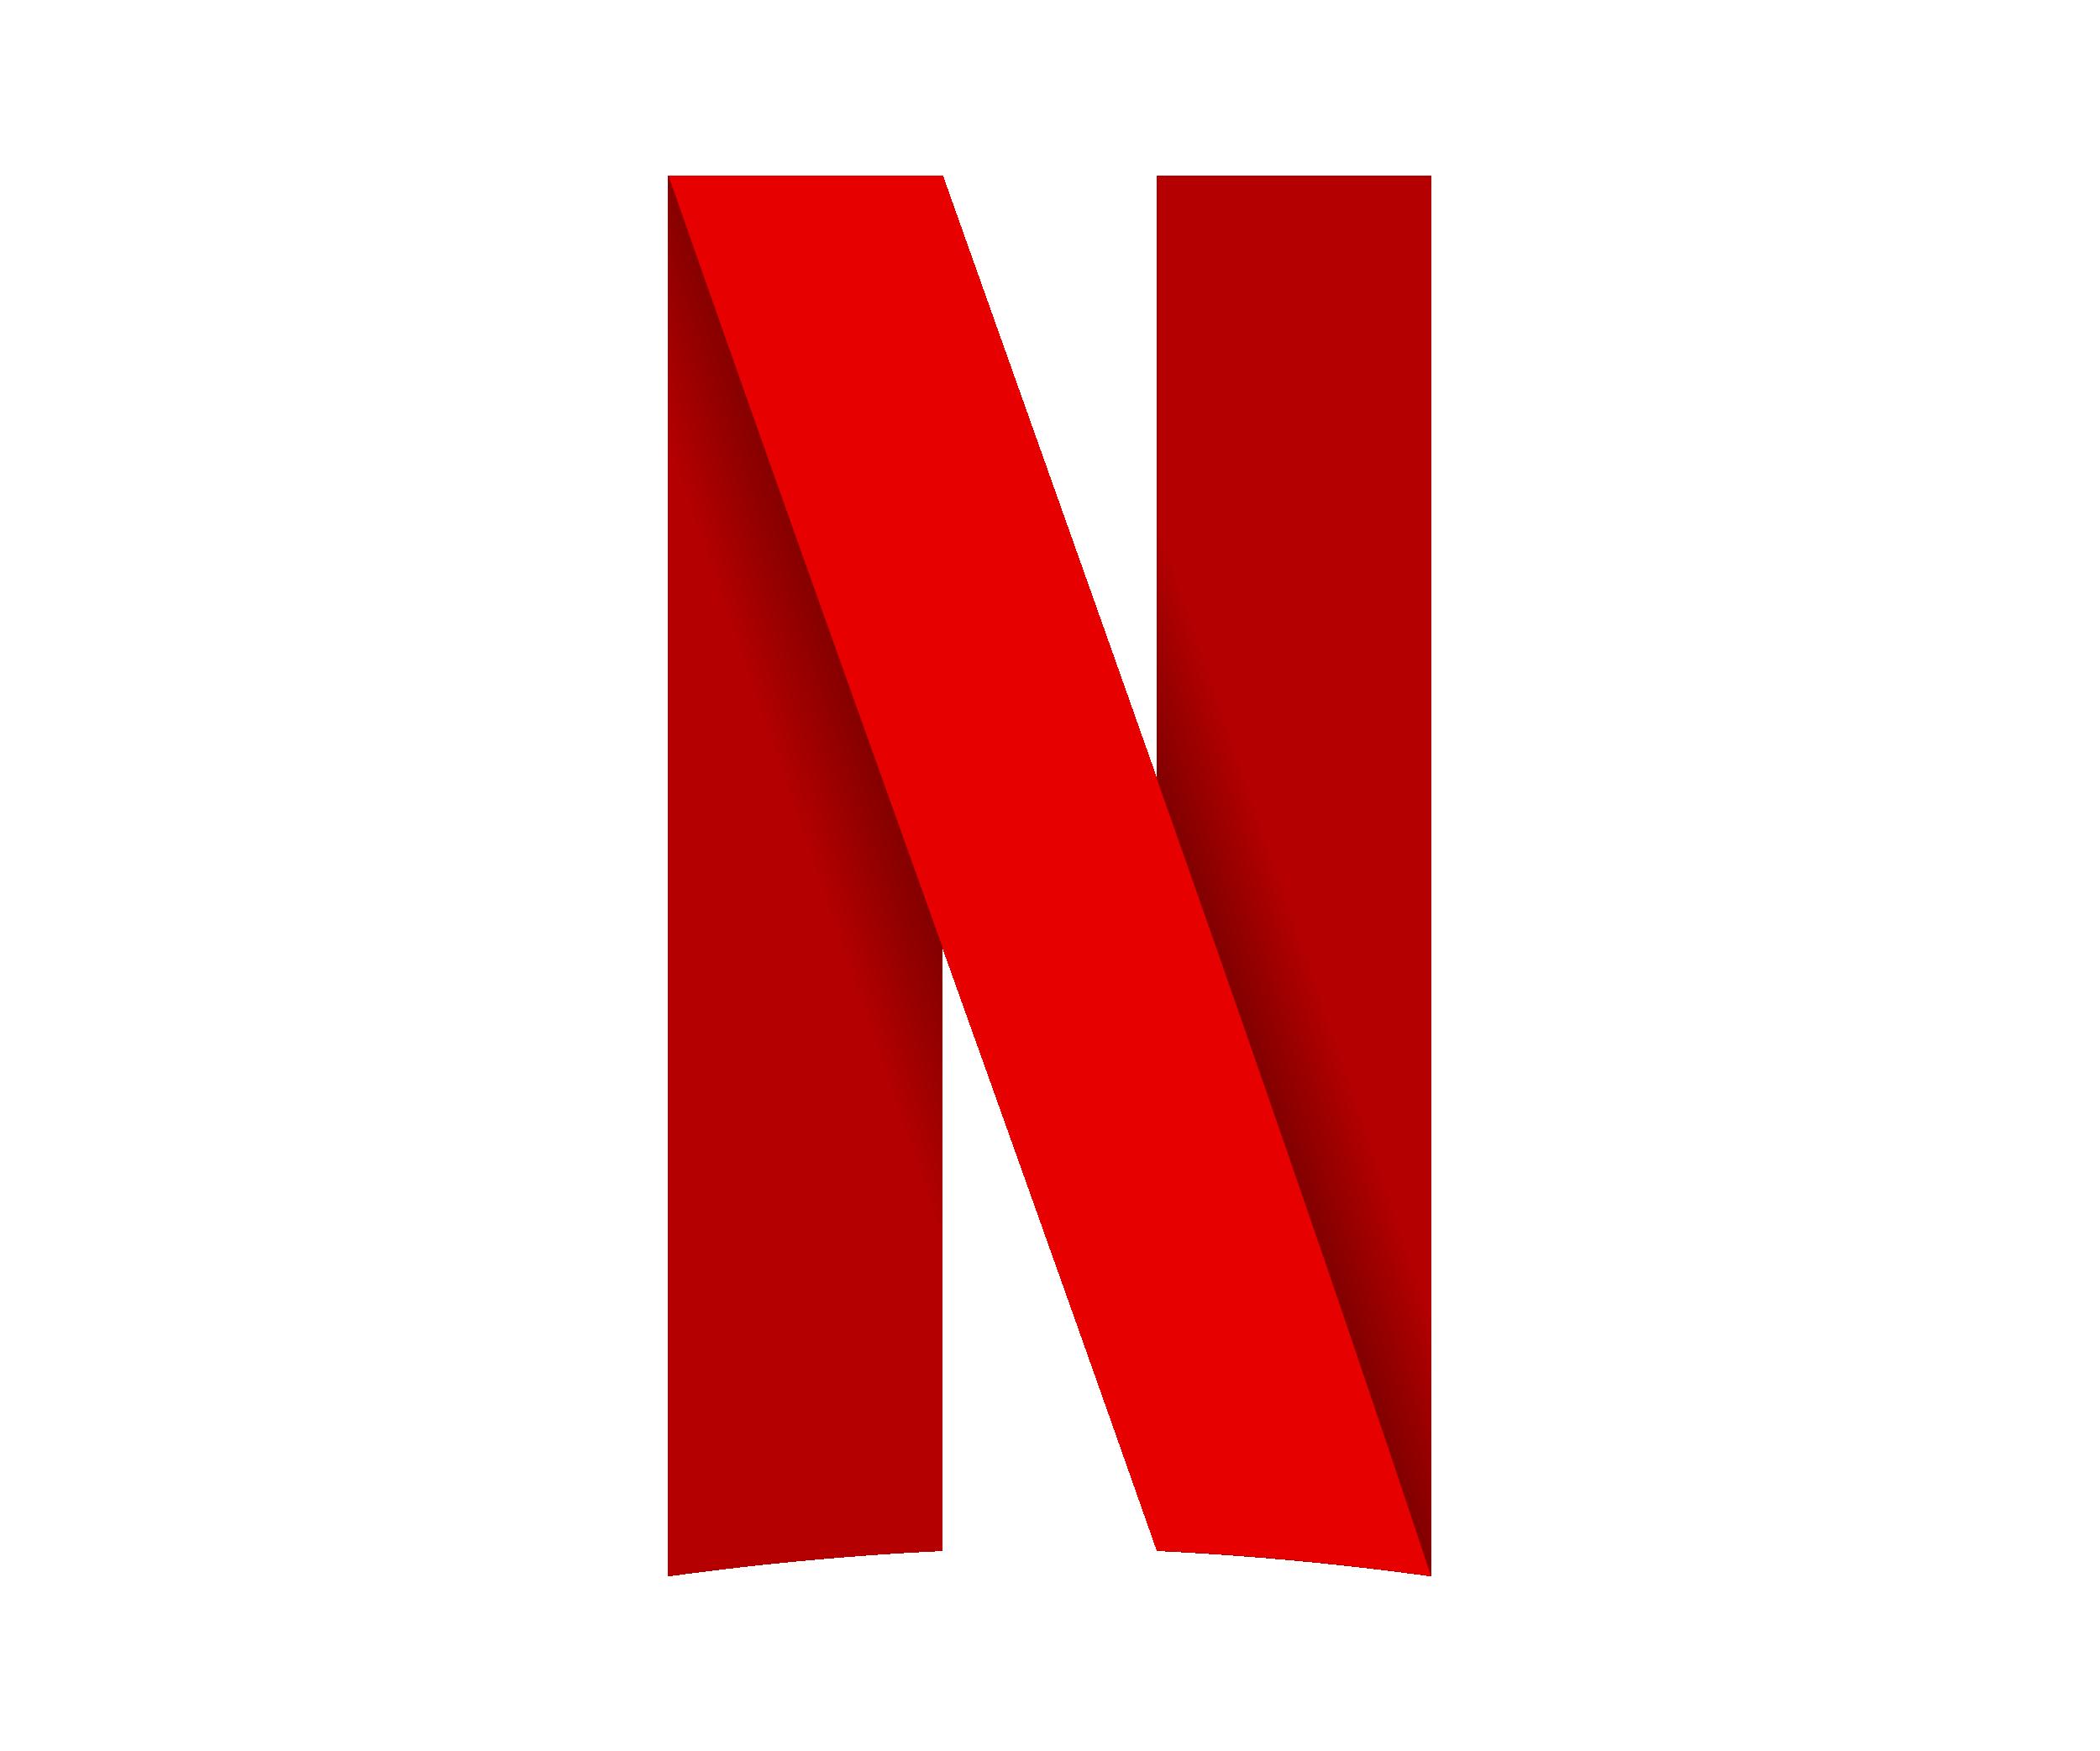 netflix logo images